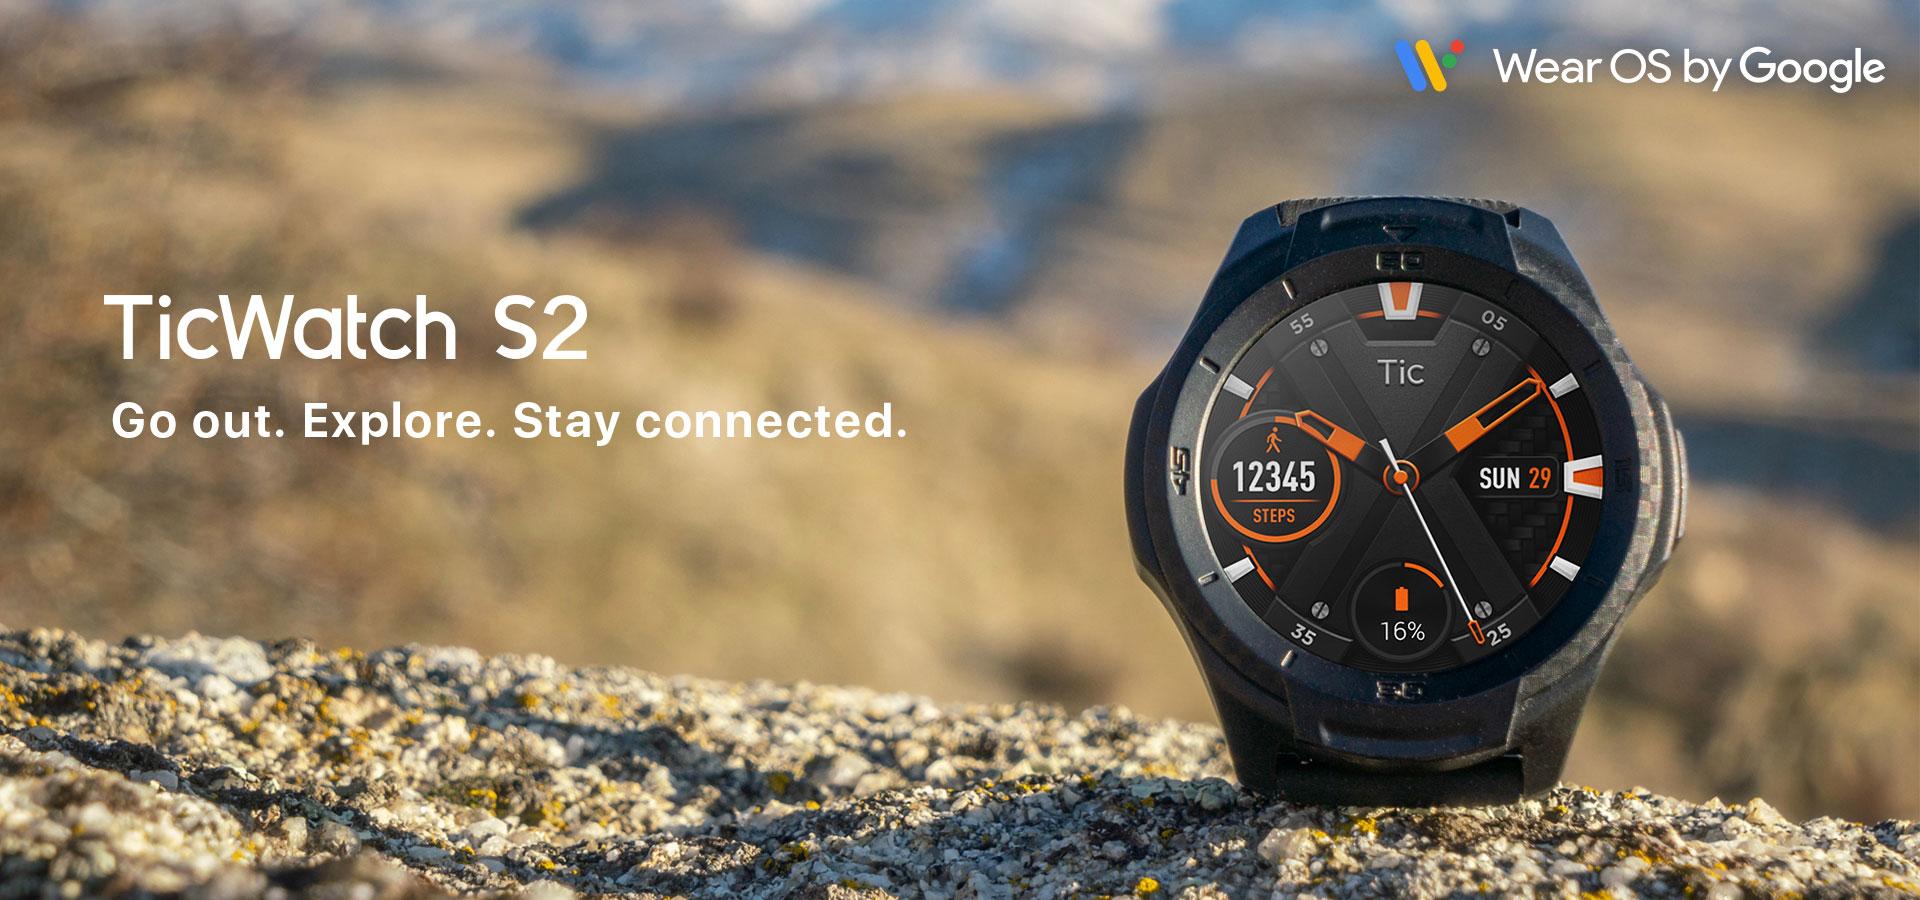 Montre GPS Ticwatch S2 Wear OS - Test & Avis - Mon GPS Avis.fr